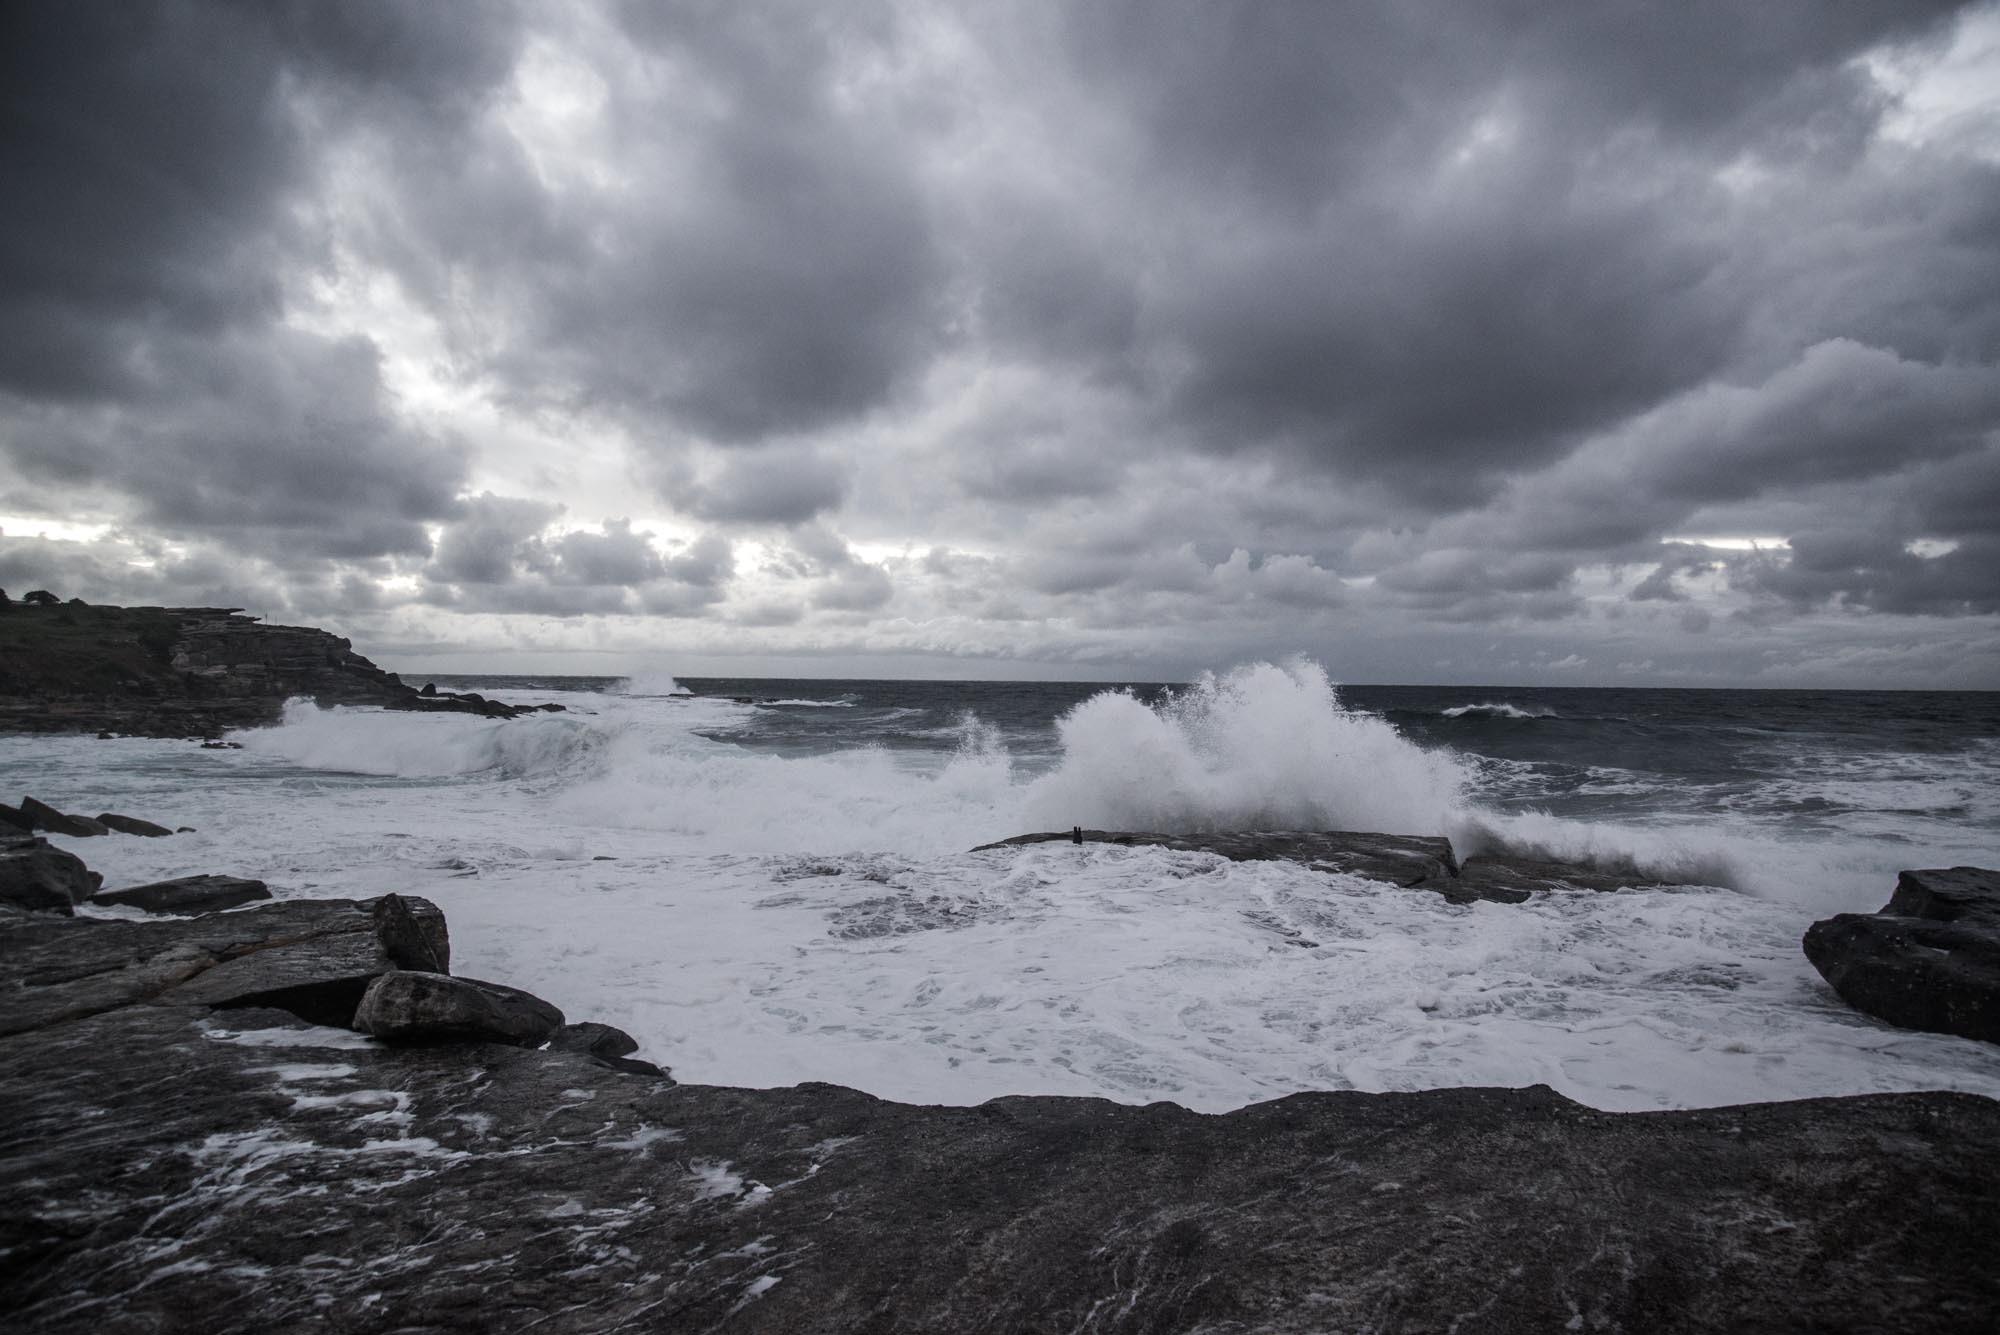 картинки плохая погода в море может использовать